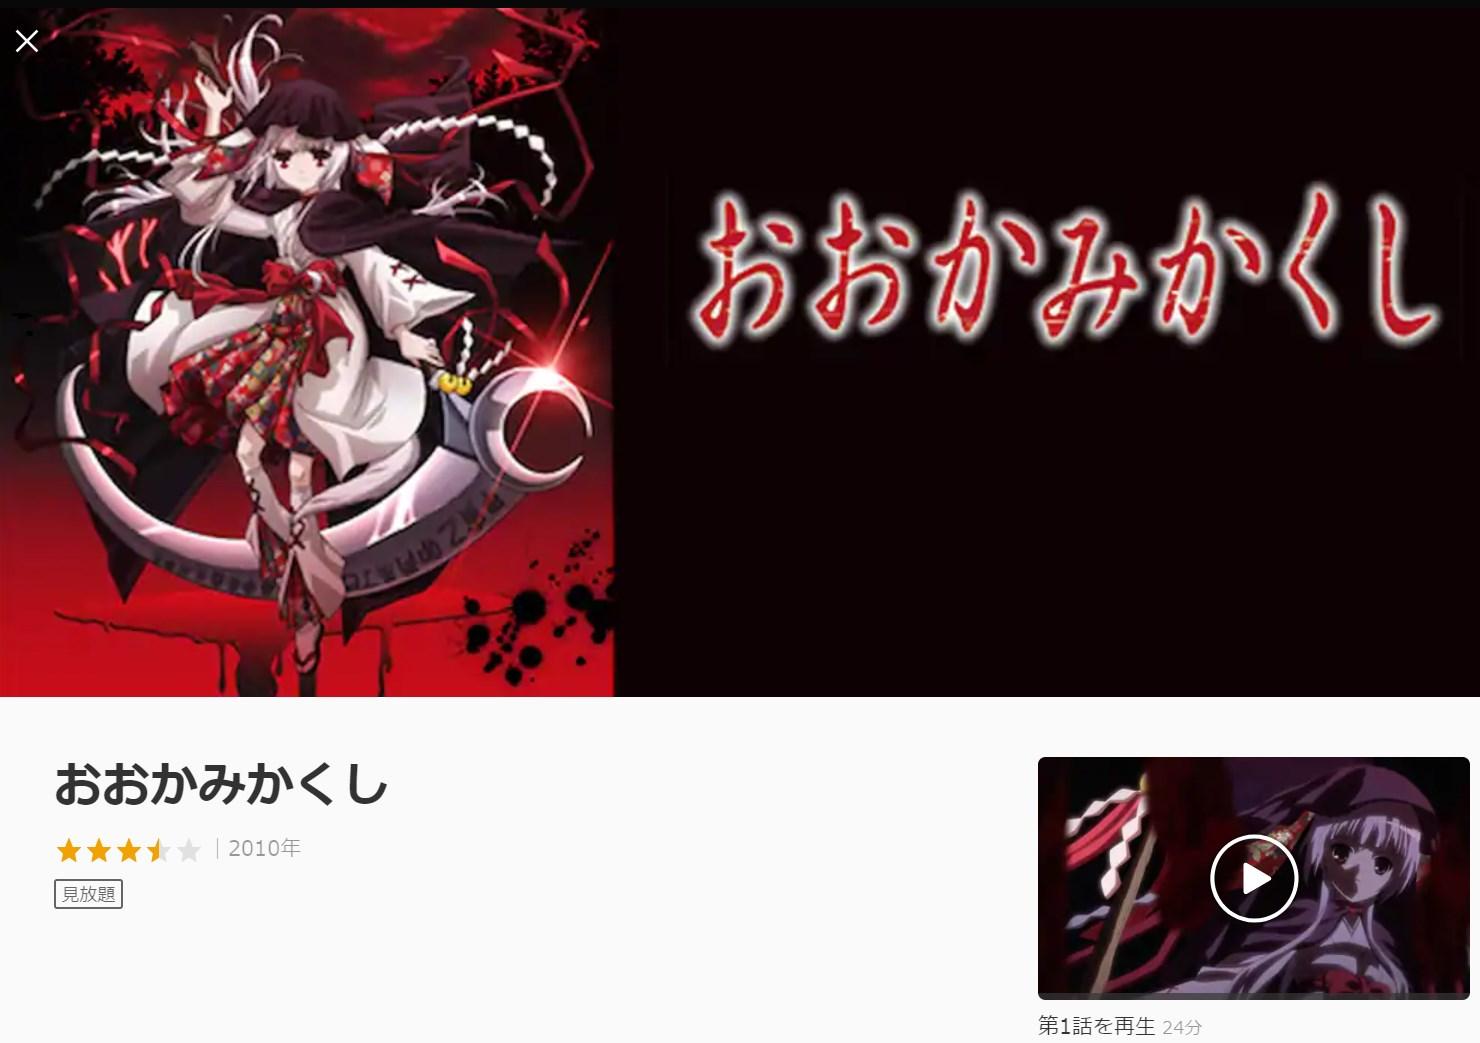 アニメ「おおかみかくし」の動画配信サービスU-NEXT